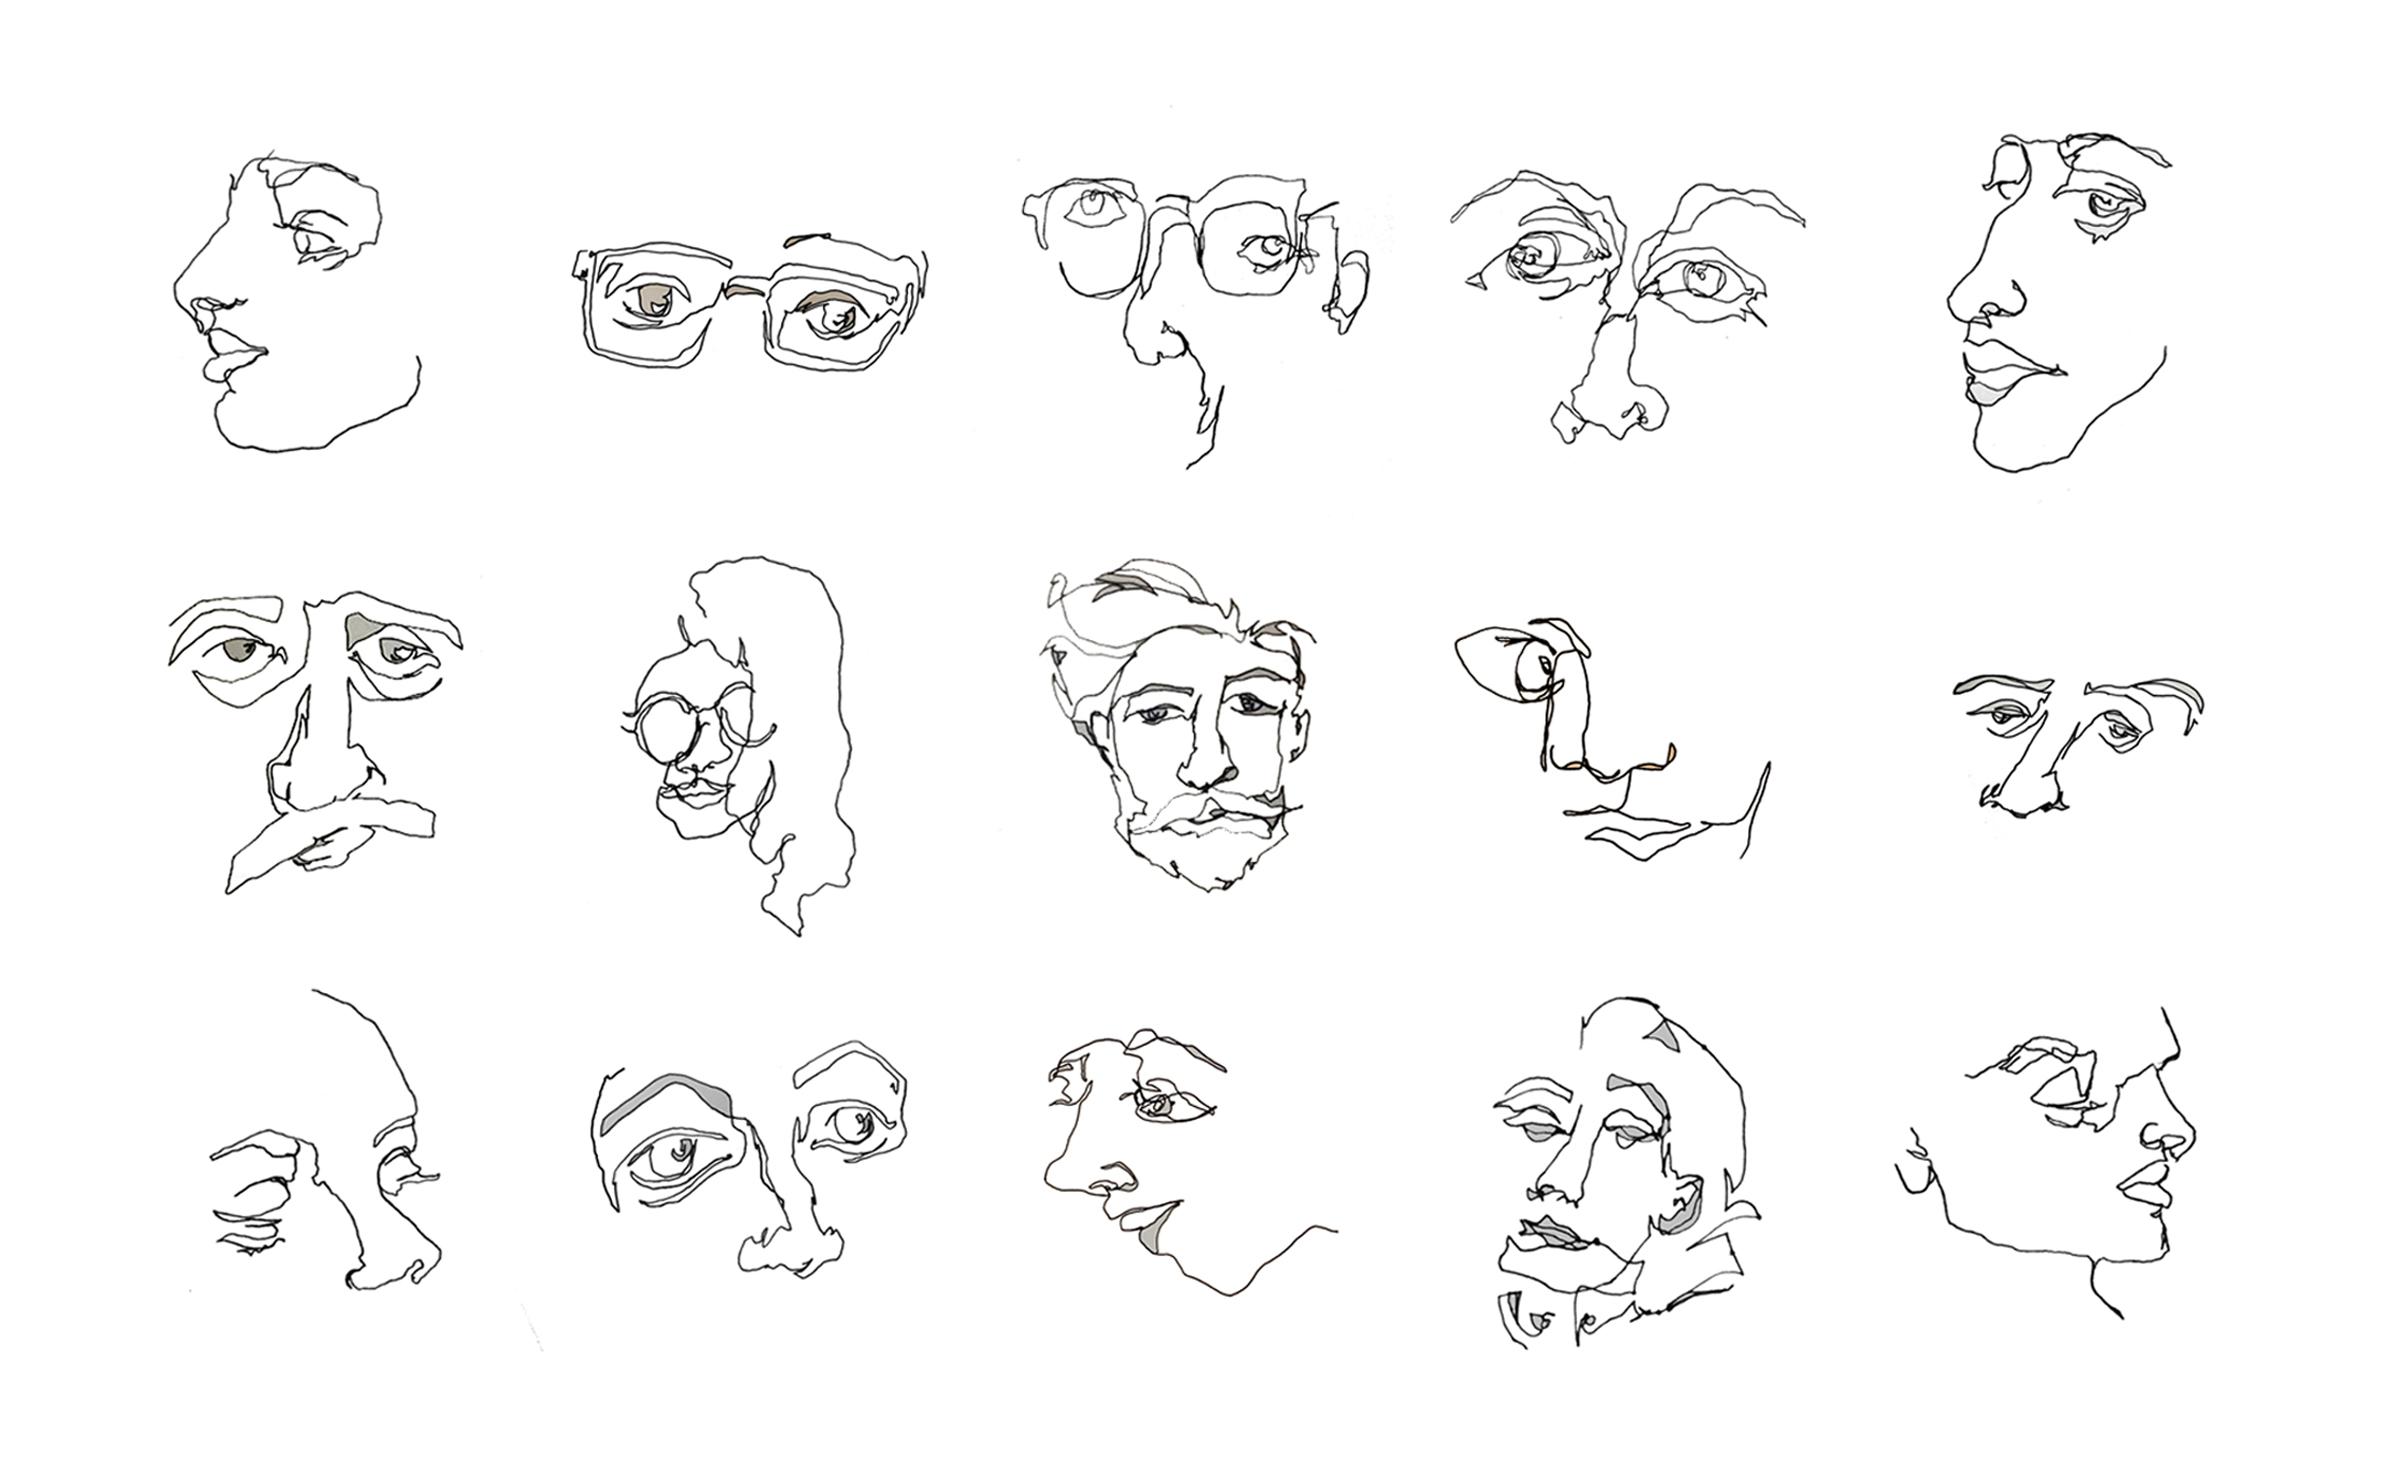 doodles_grid.jpg